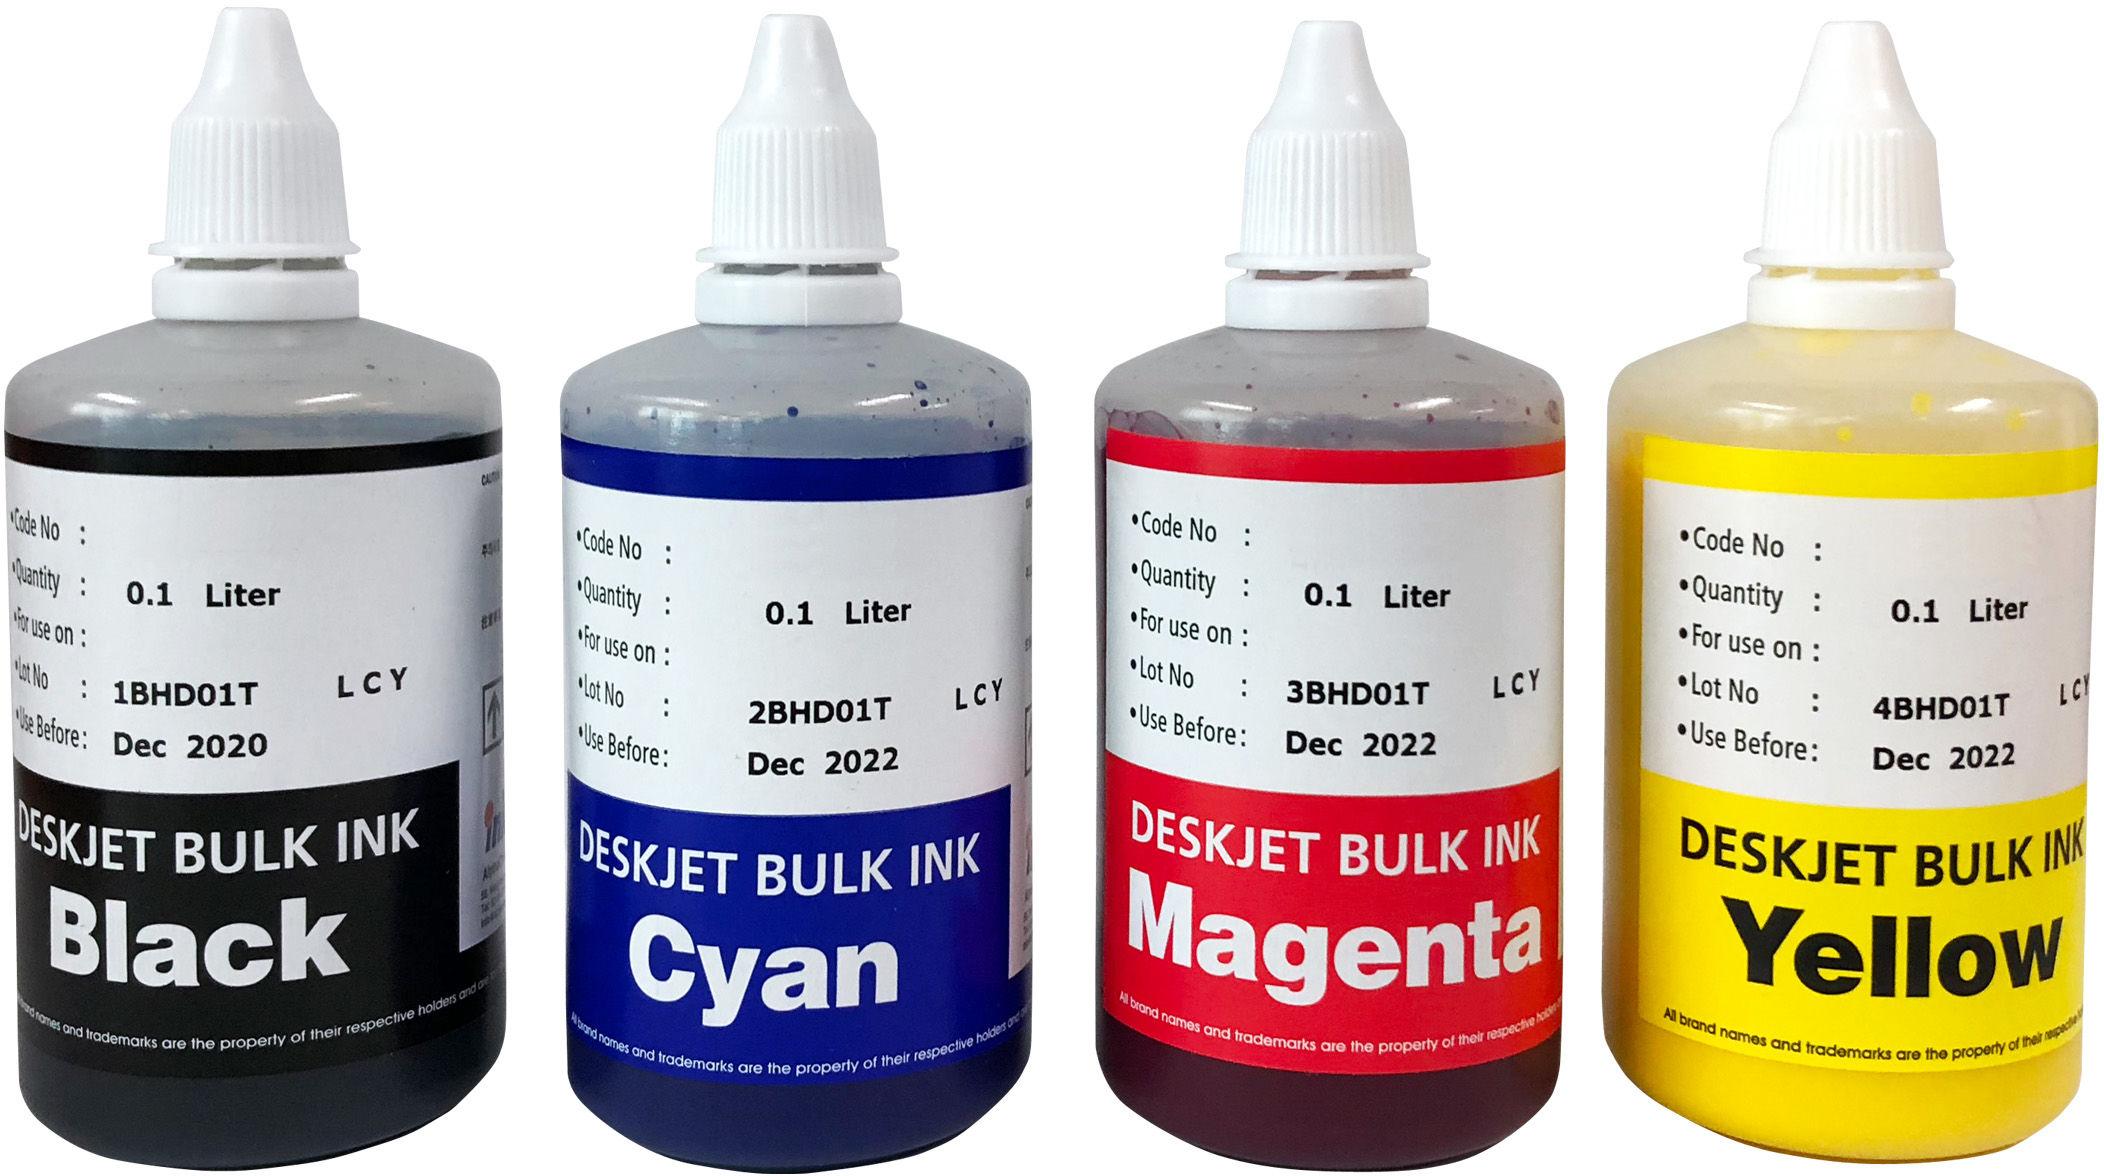 ORYGINALNY Tusz zamienny INK-MATE BARWNIK 100 ml do Epson L100 L130 L310 L210 L365 L400 L550